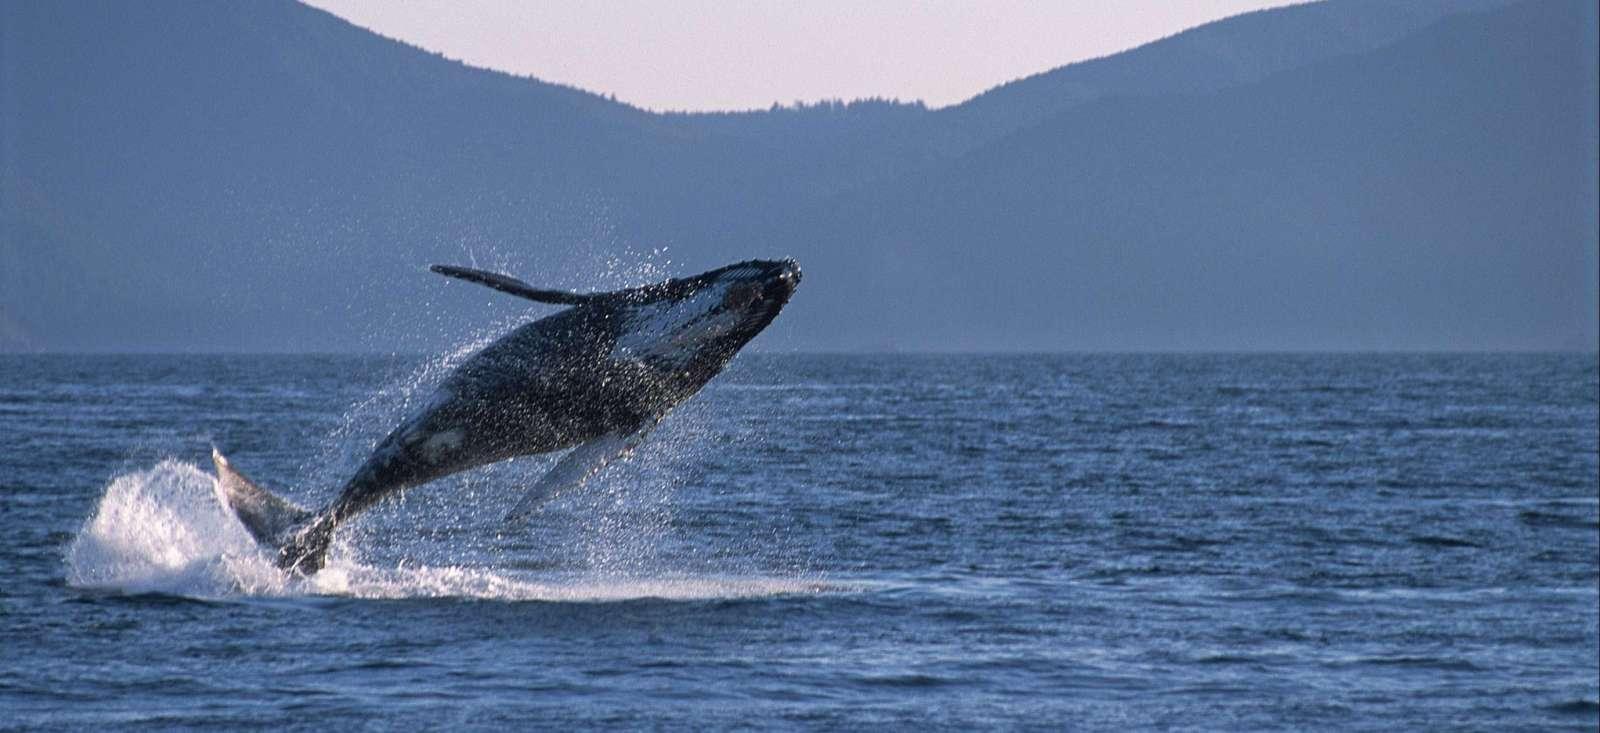 Voyage à pied Canada : Vancouver Island